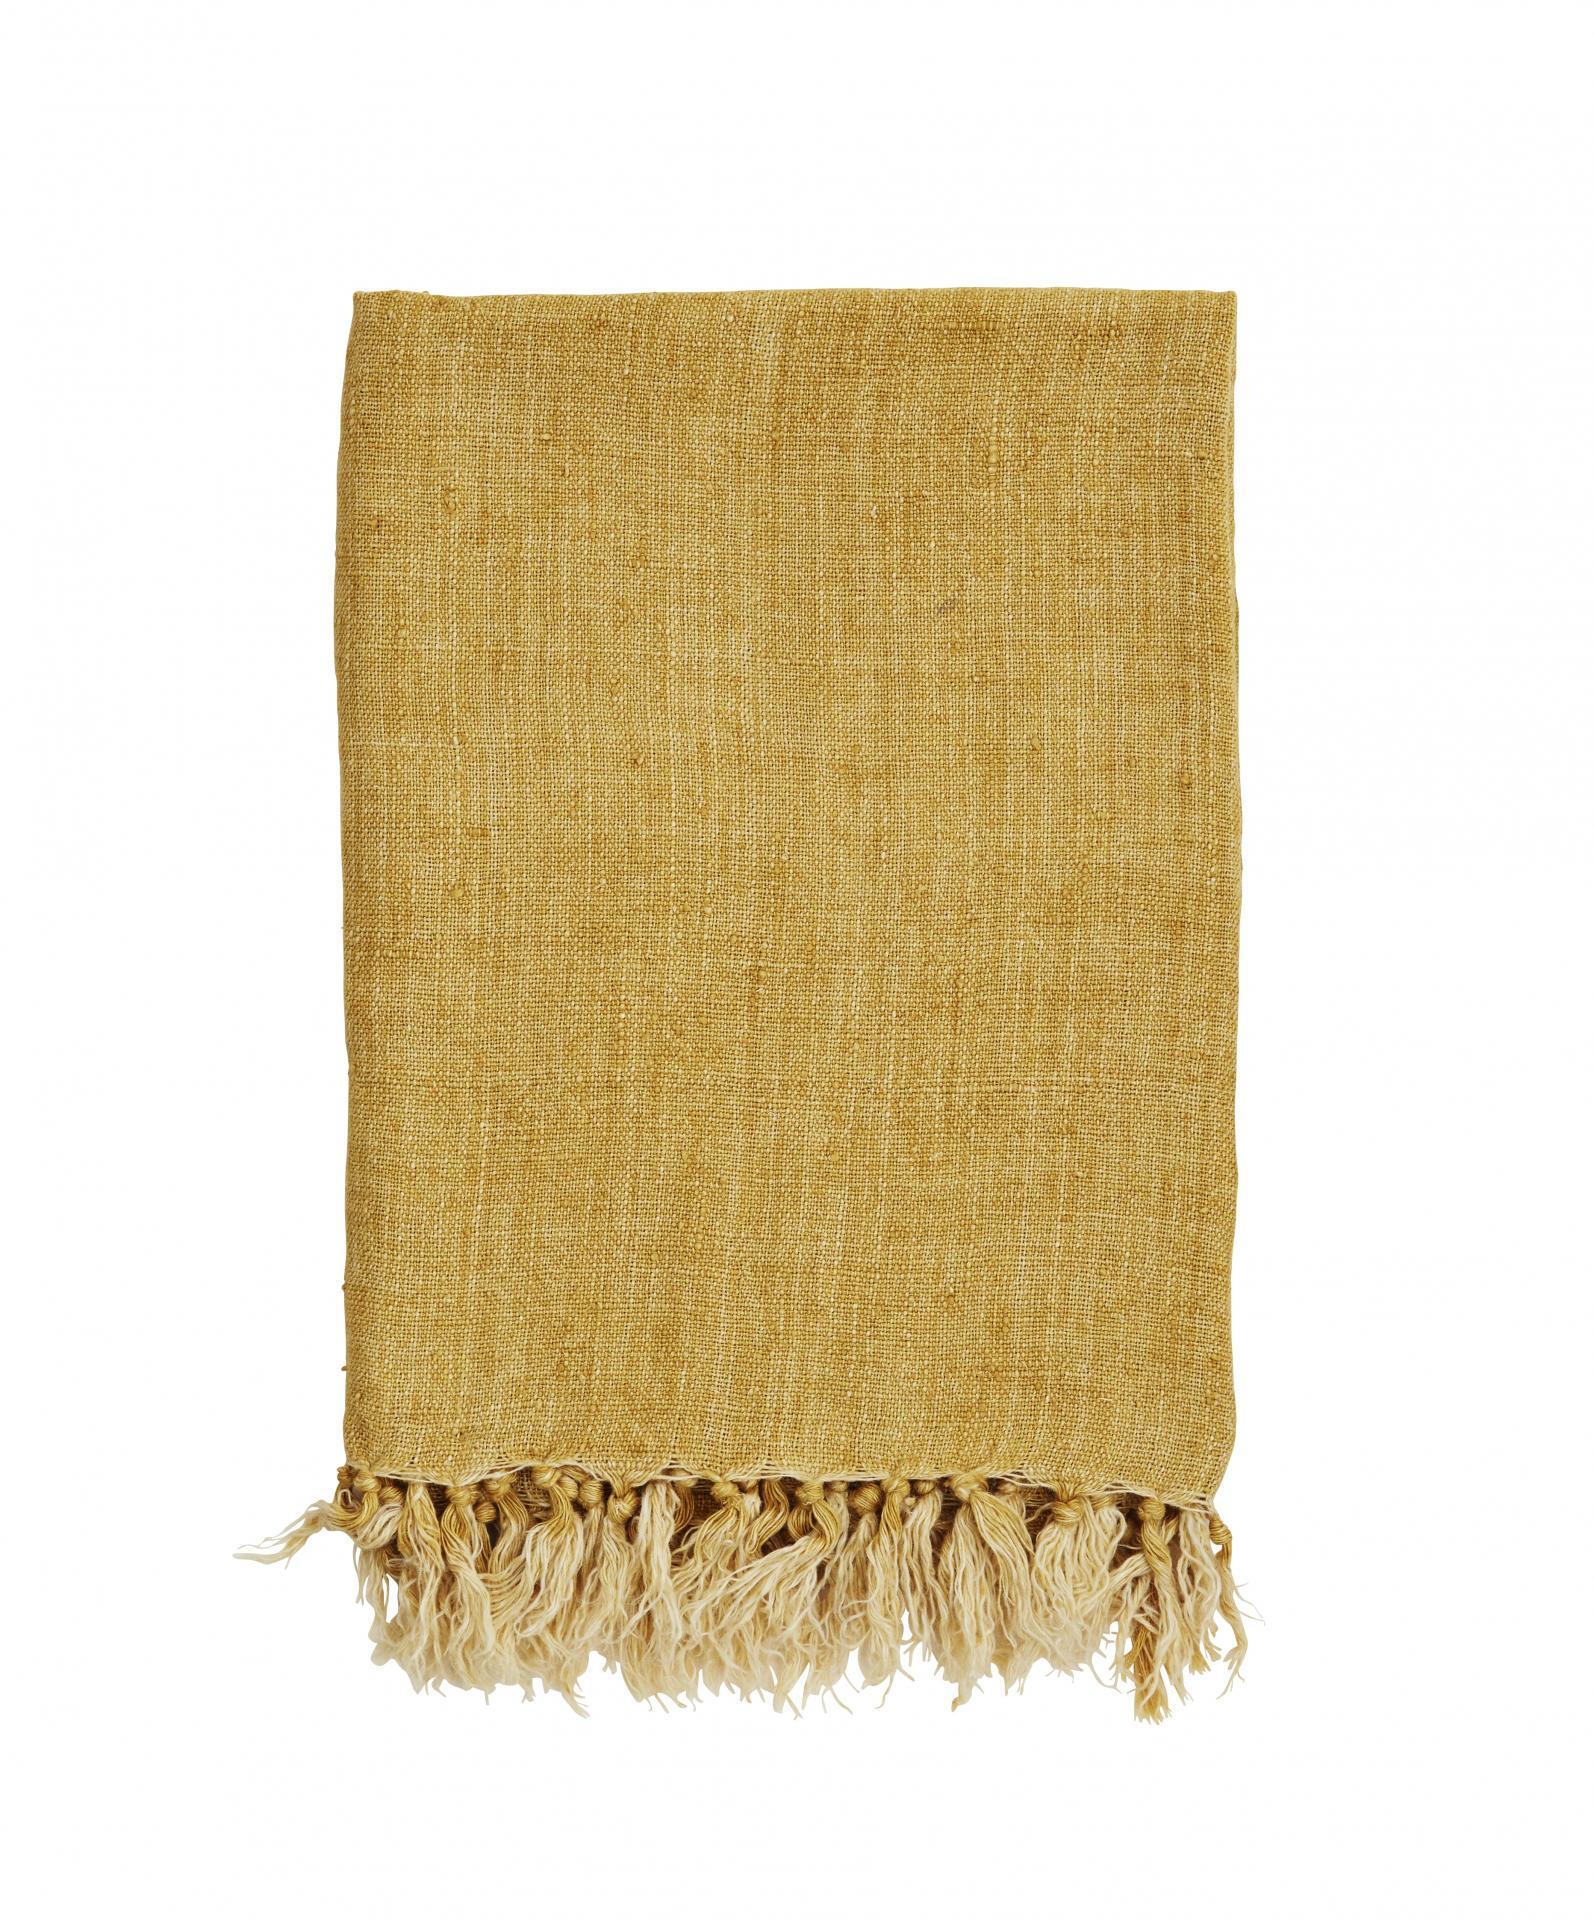 MADAM STOLTZ Lněný pléd Stonewash Yellow, žlutá barva, textil